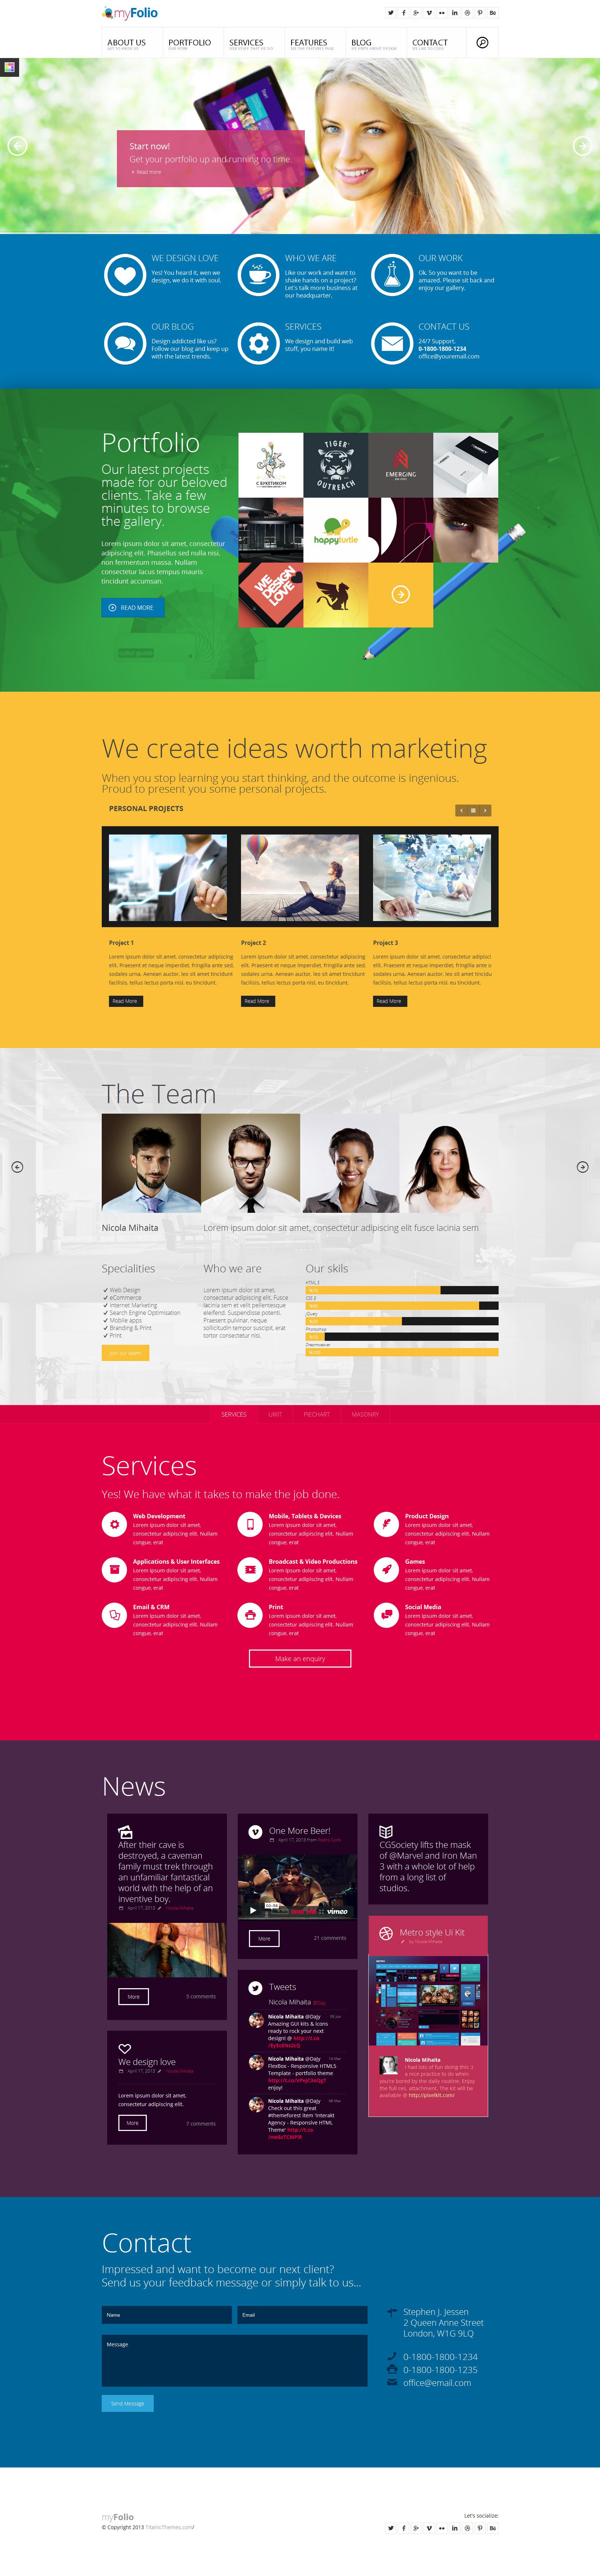 Myfolio Parallax Onepage Html5 Template By Dajydesigns Deviantart Com On Deviantart Web Design Programs Web Design News Web Design